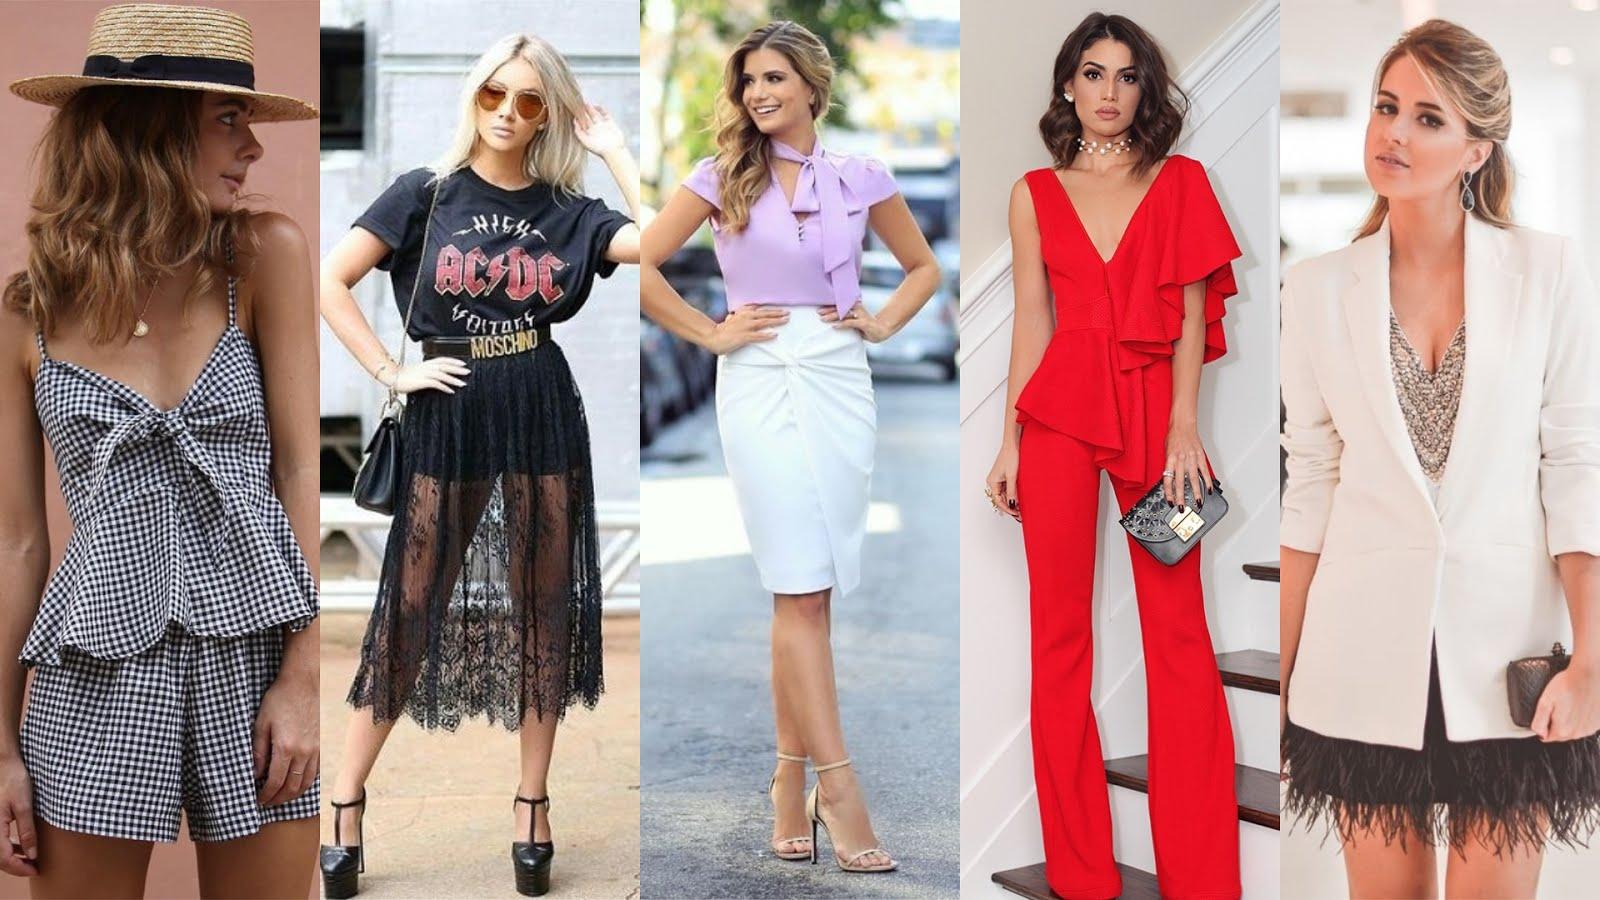 a72d8f717 Como não pode faltar duas vezes por ano... vamos a esse maravilhoso resumão  das principais tendências da moda feminina que agora se trata da primavera  verão ...